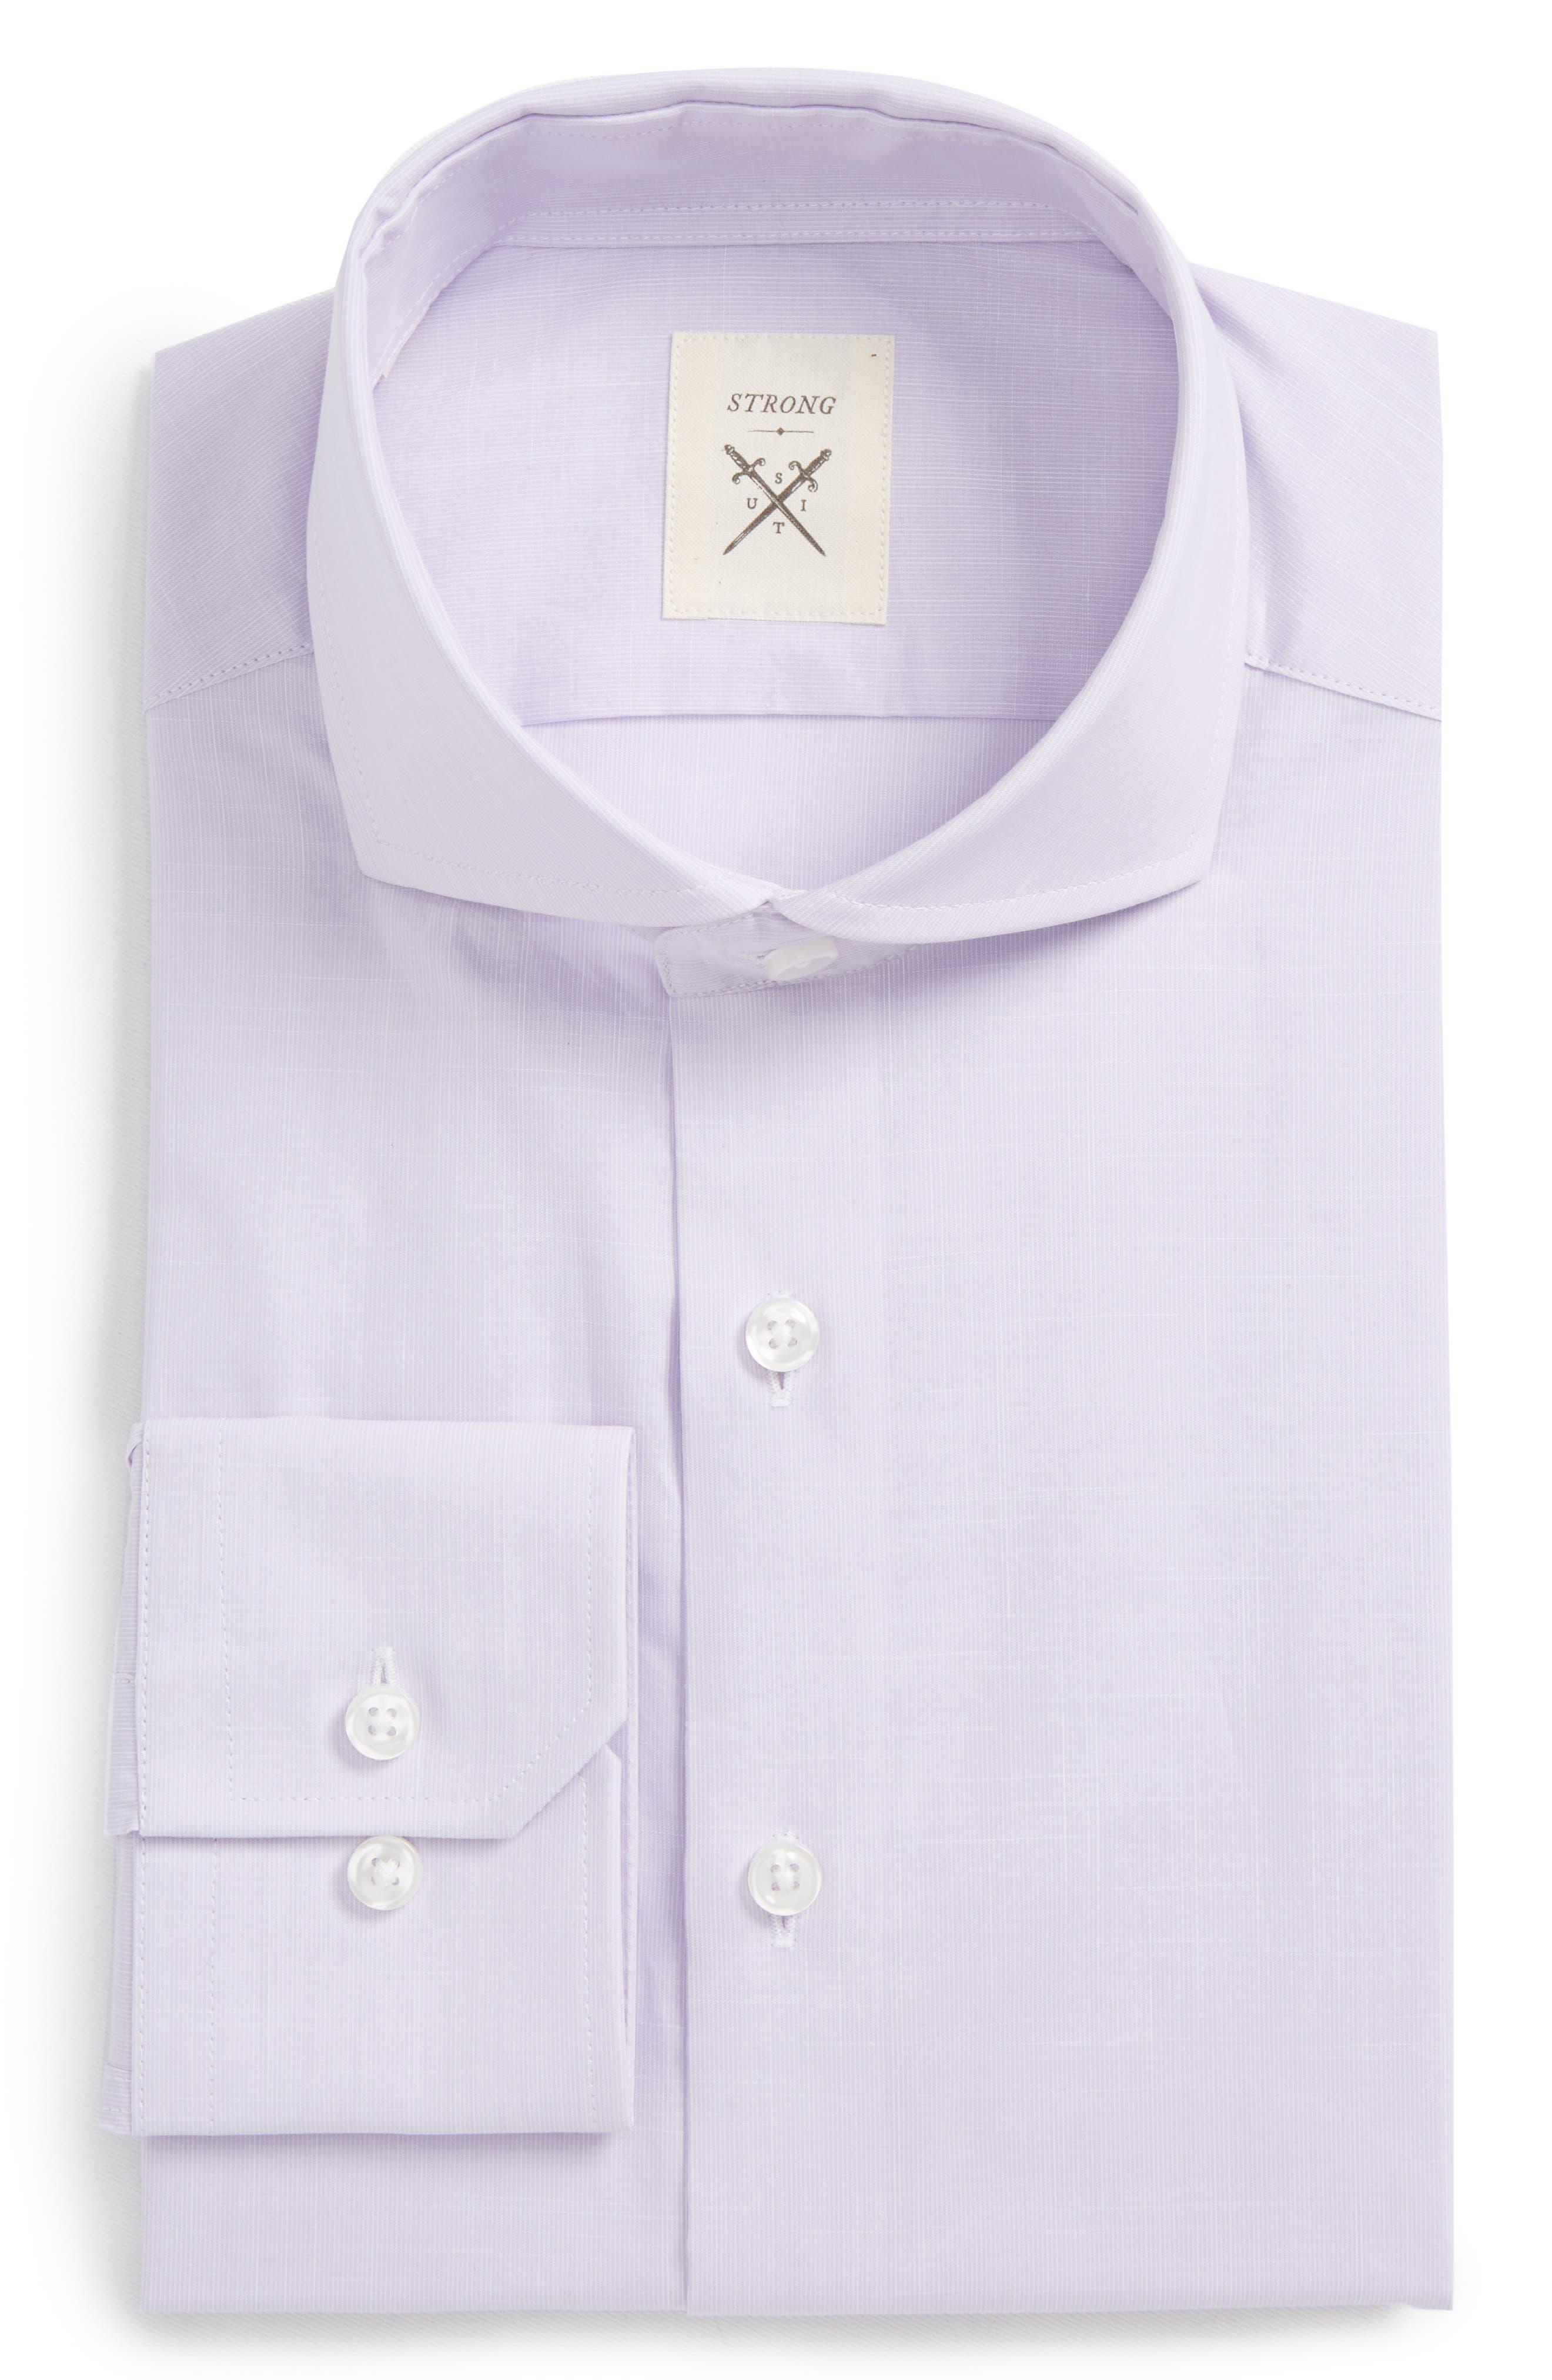 Strong Suit Espirit Trim Fit Solid Dress Shirt